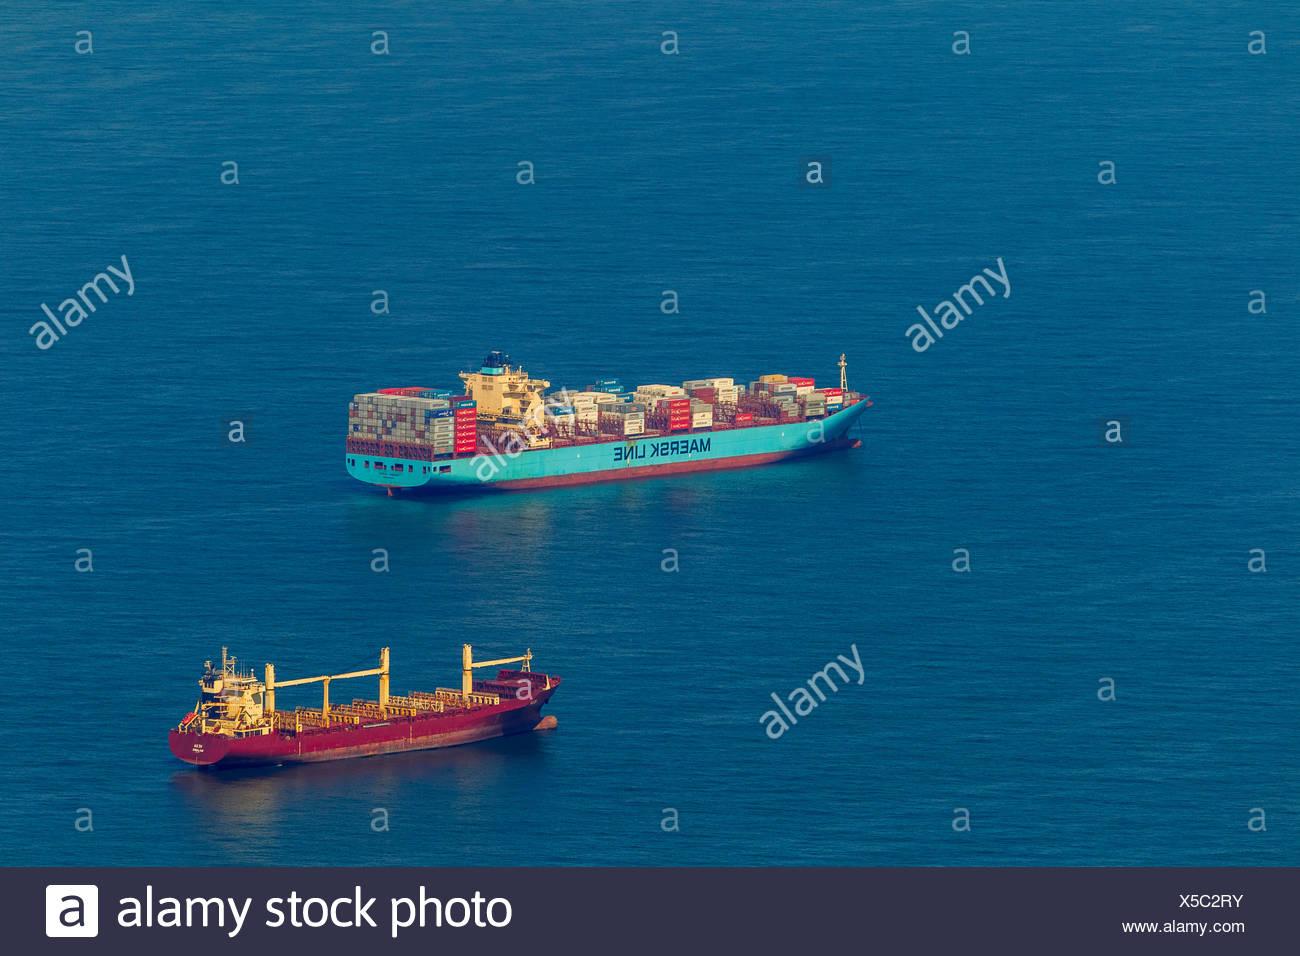 Vista aerea, navi cargo all'ancoraggio, linea marittima, itinerario di spedizione, le navi in mare, acque costiere, off Wangerooge, Mare del Nord Immagini Stock